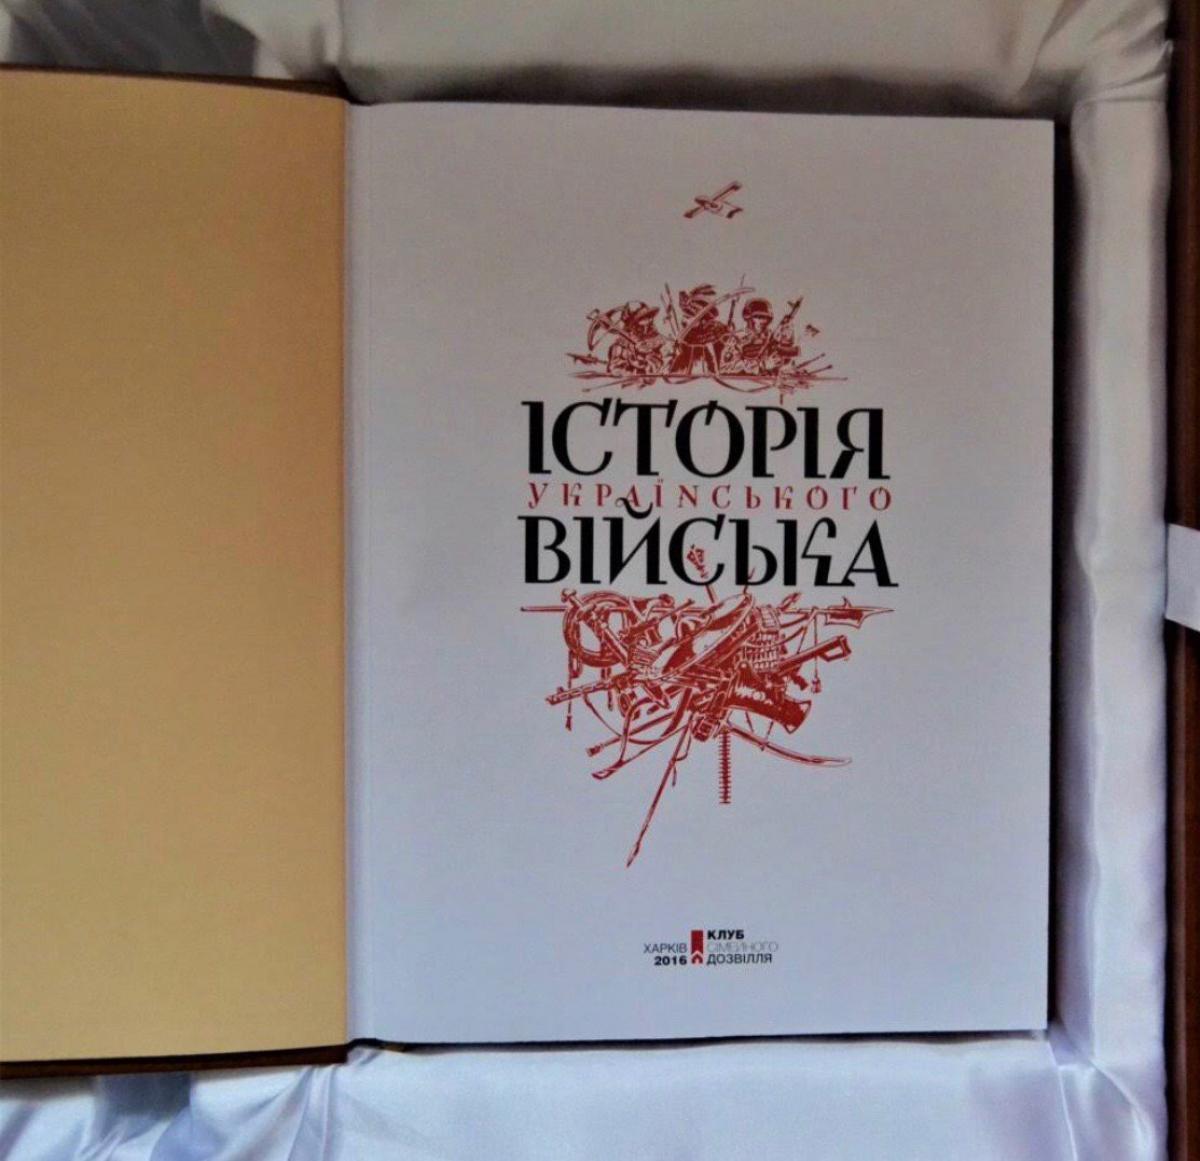 Книга Історія українського війська в подарунковій коробці. Фото №2. | Народний дім Україна